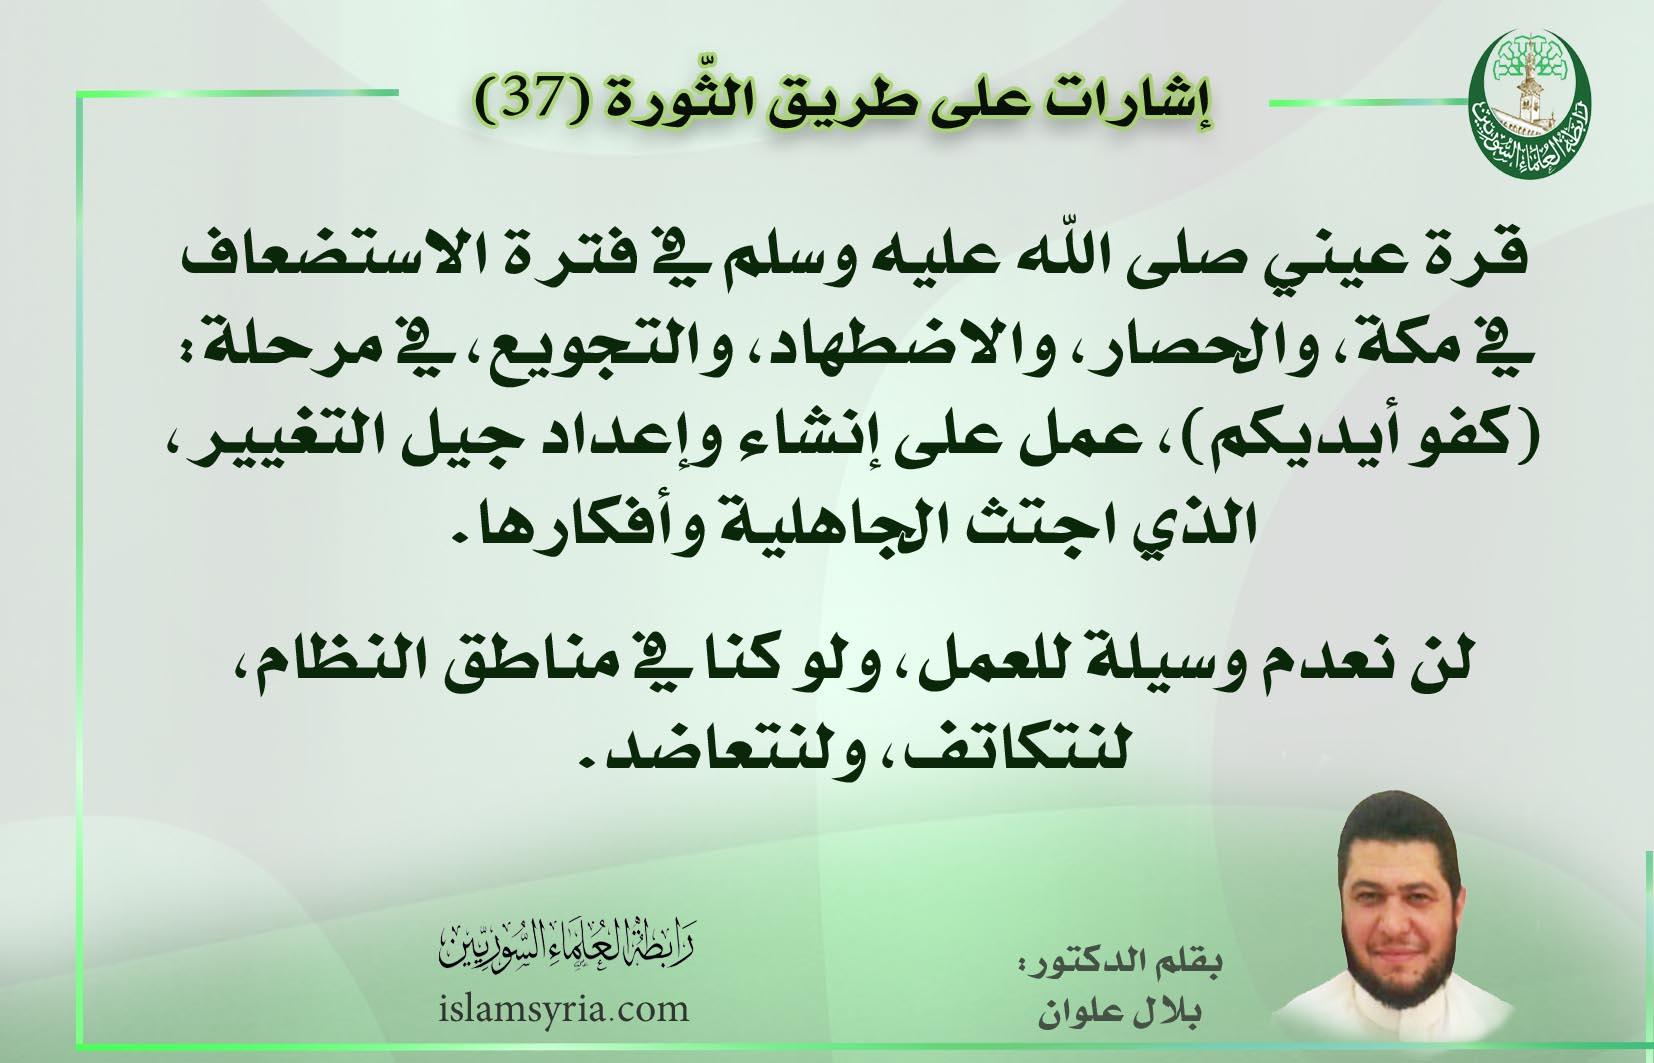 إشارات على طرق الثورة 37||د. بلال علوان